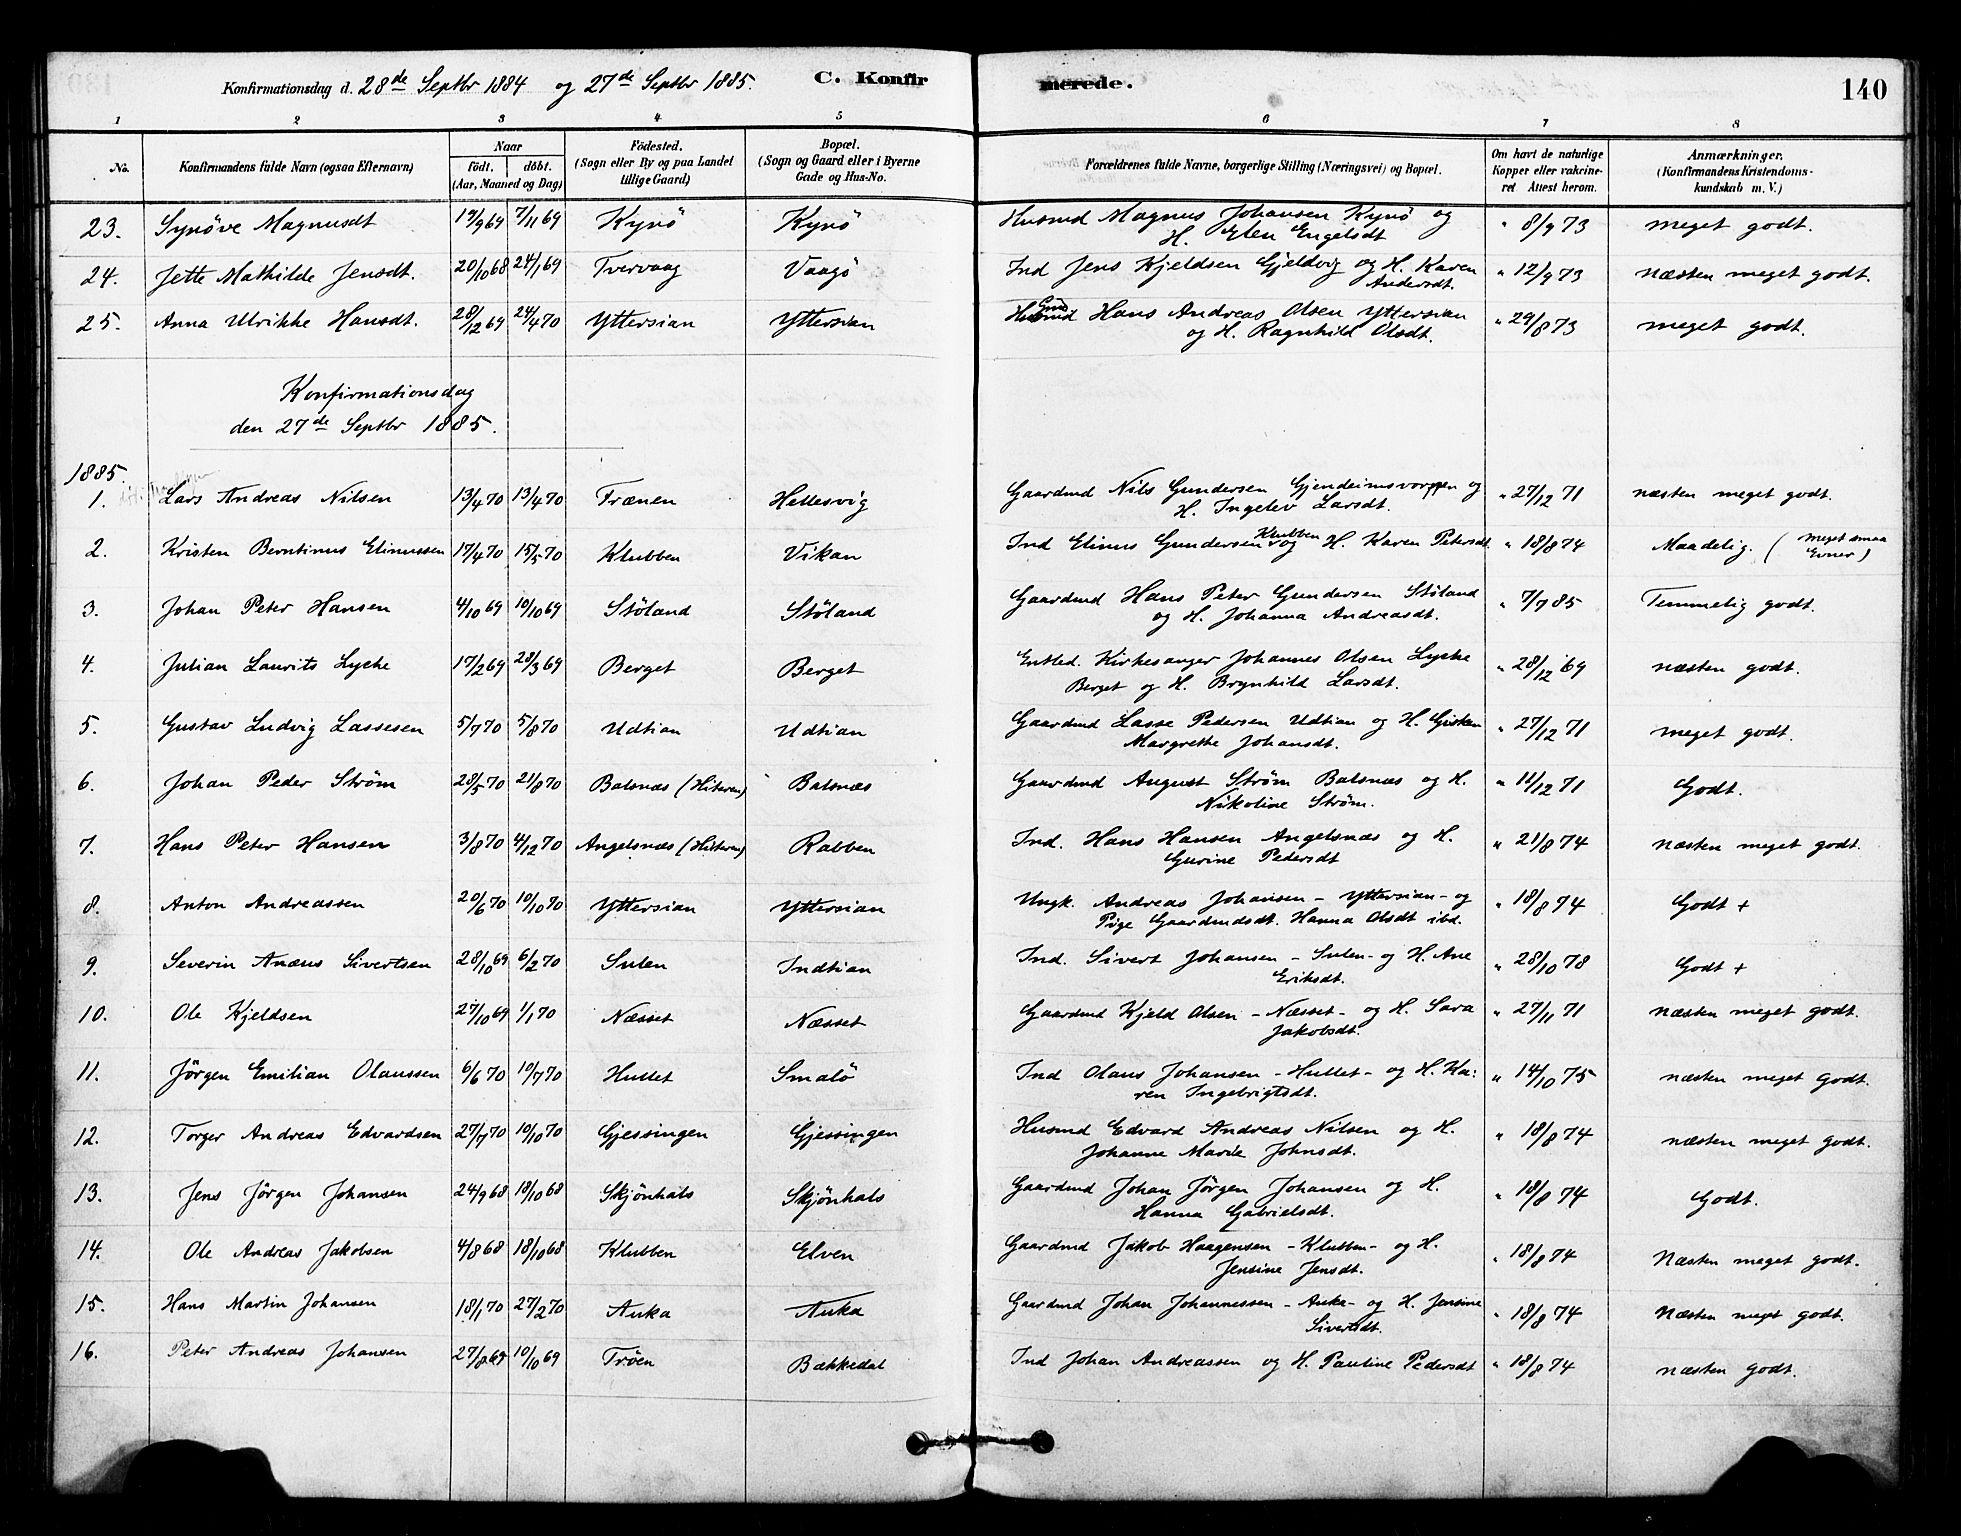 SAT, Ministerialprotokoller, klokkerbøker og fødselsregistre - Sør-Trøndelag, 640/L0578: Ministerialbok nr. 640A03, 1879-1889, s. 140